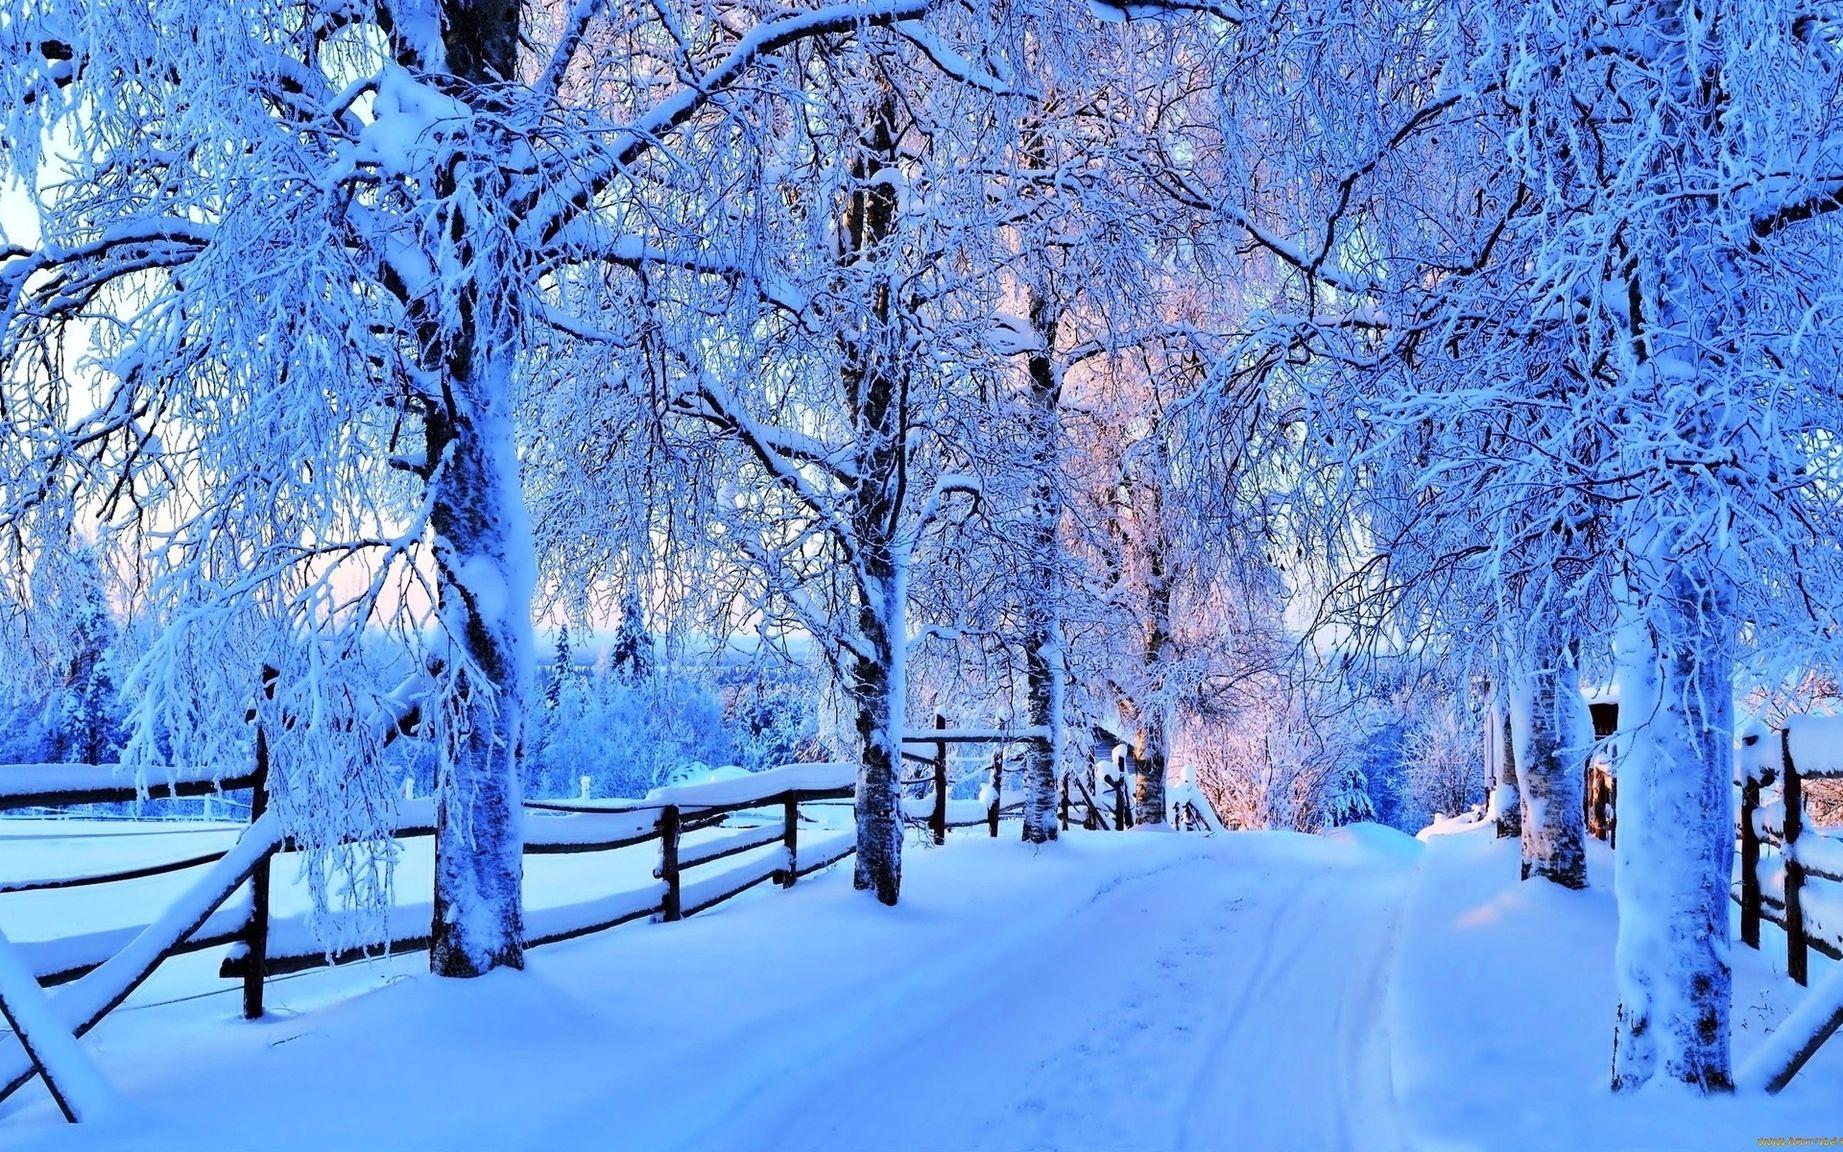 Картинки для заставки на планшет зима